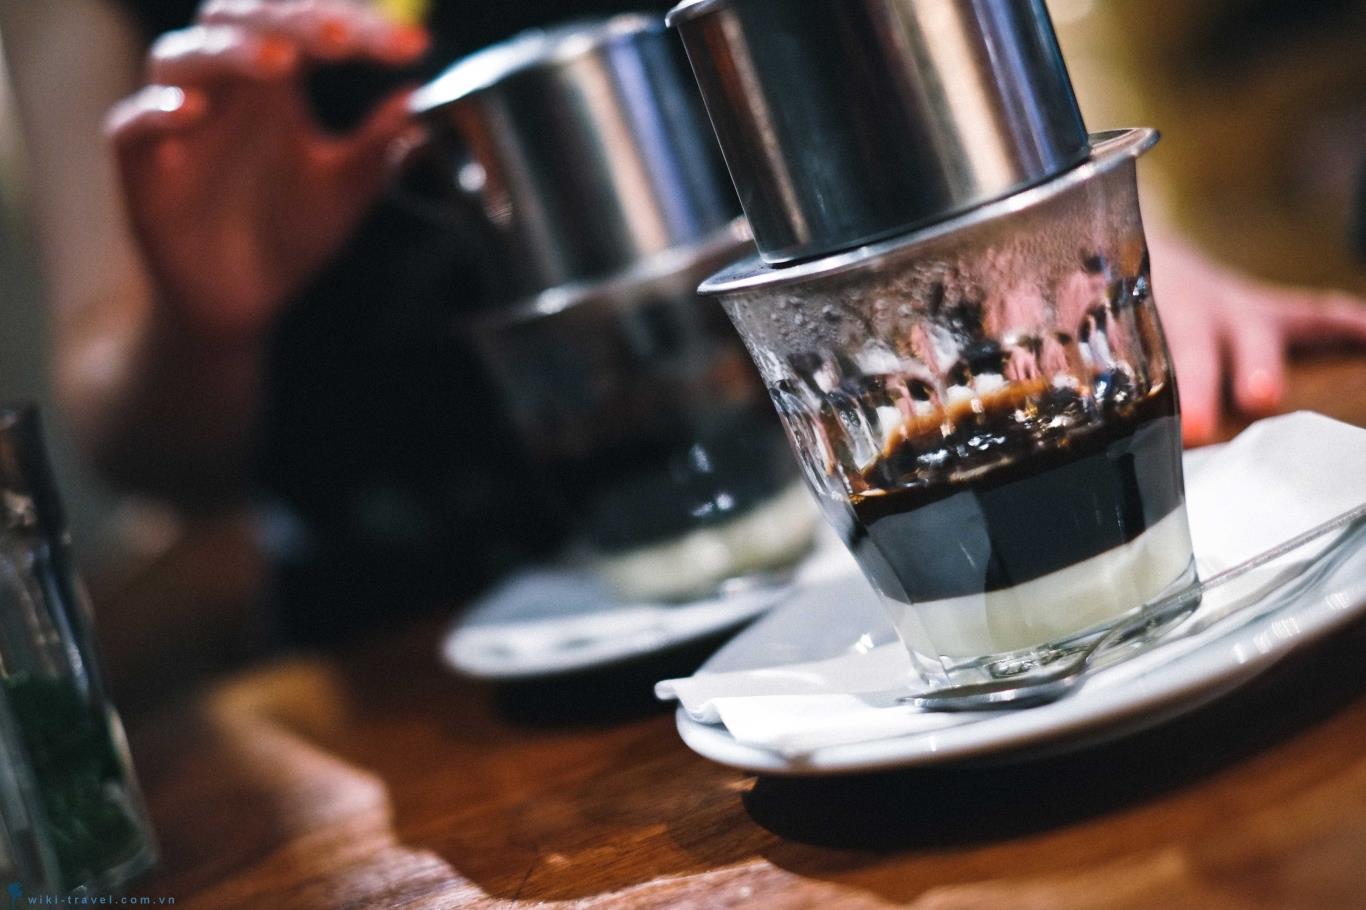 Ủ cà phê phin thơm ngon đậm đà.